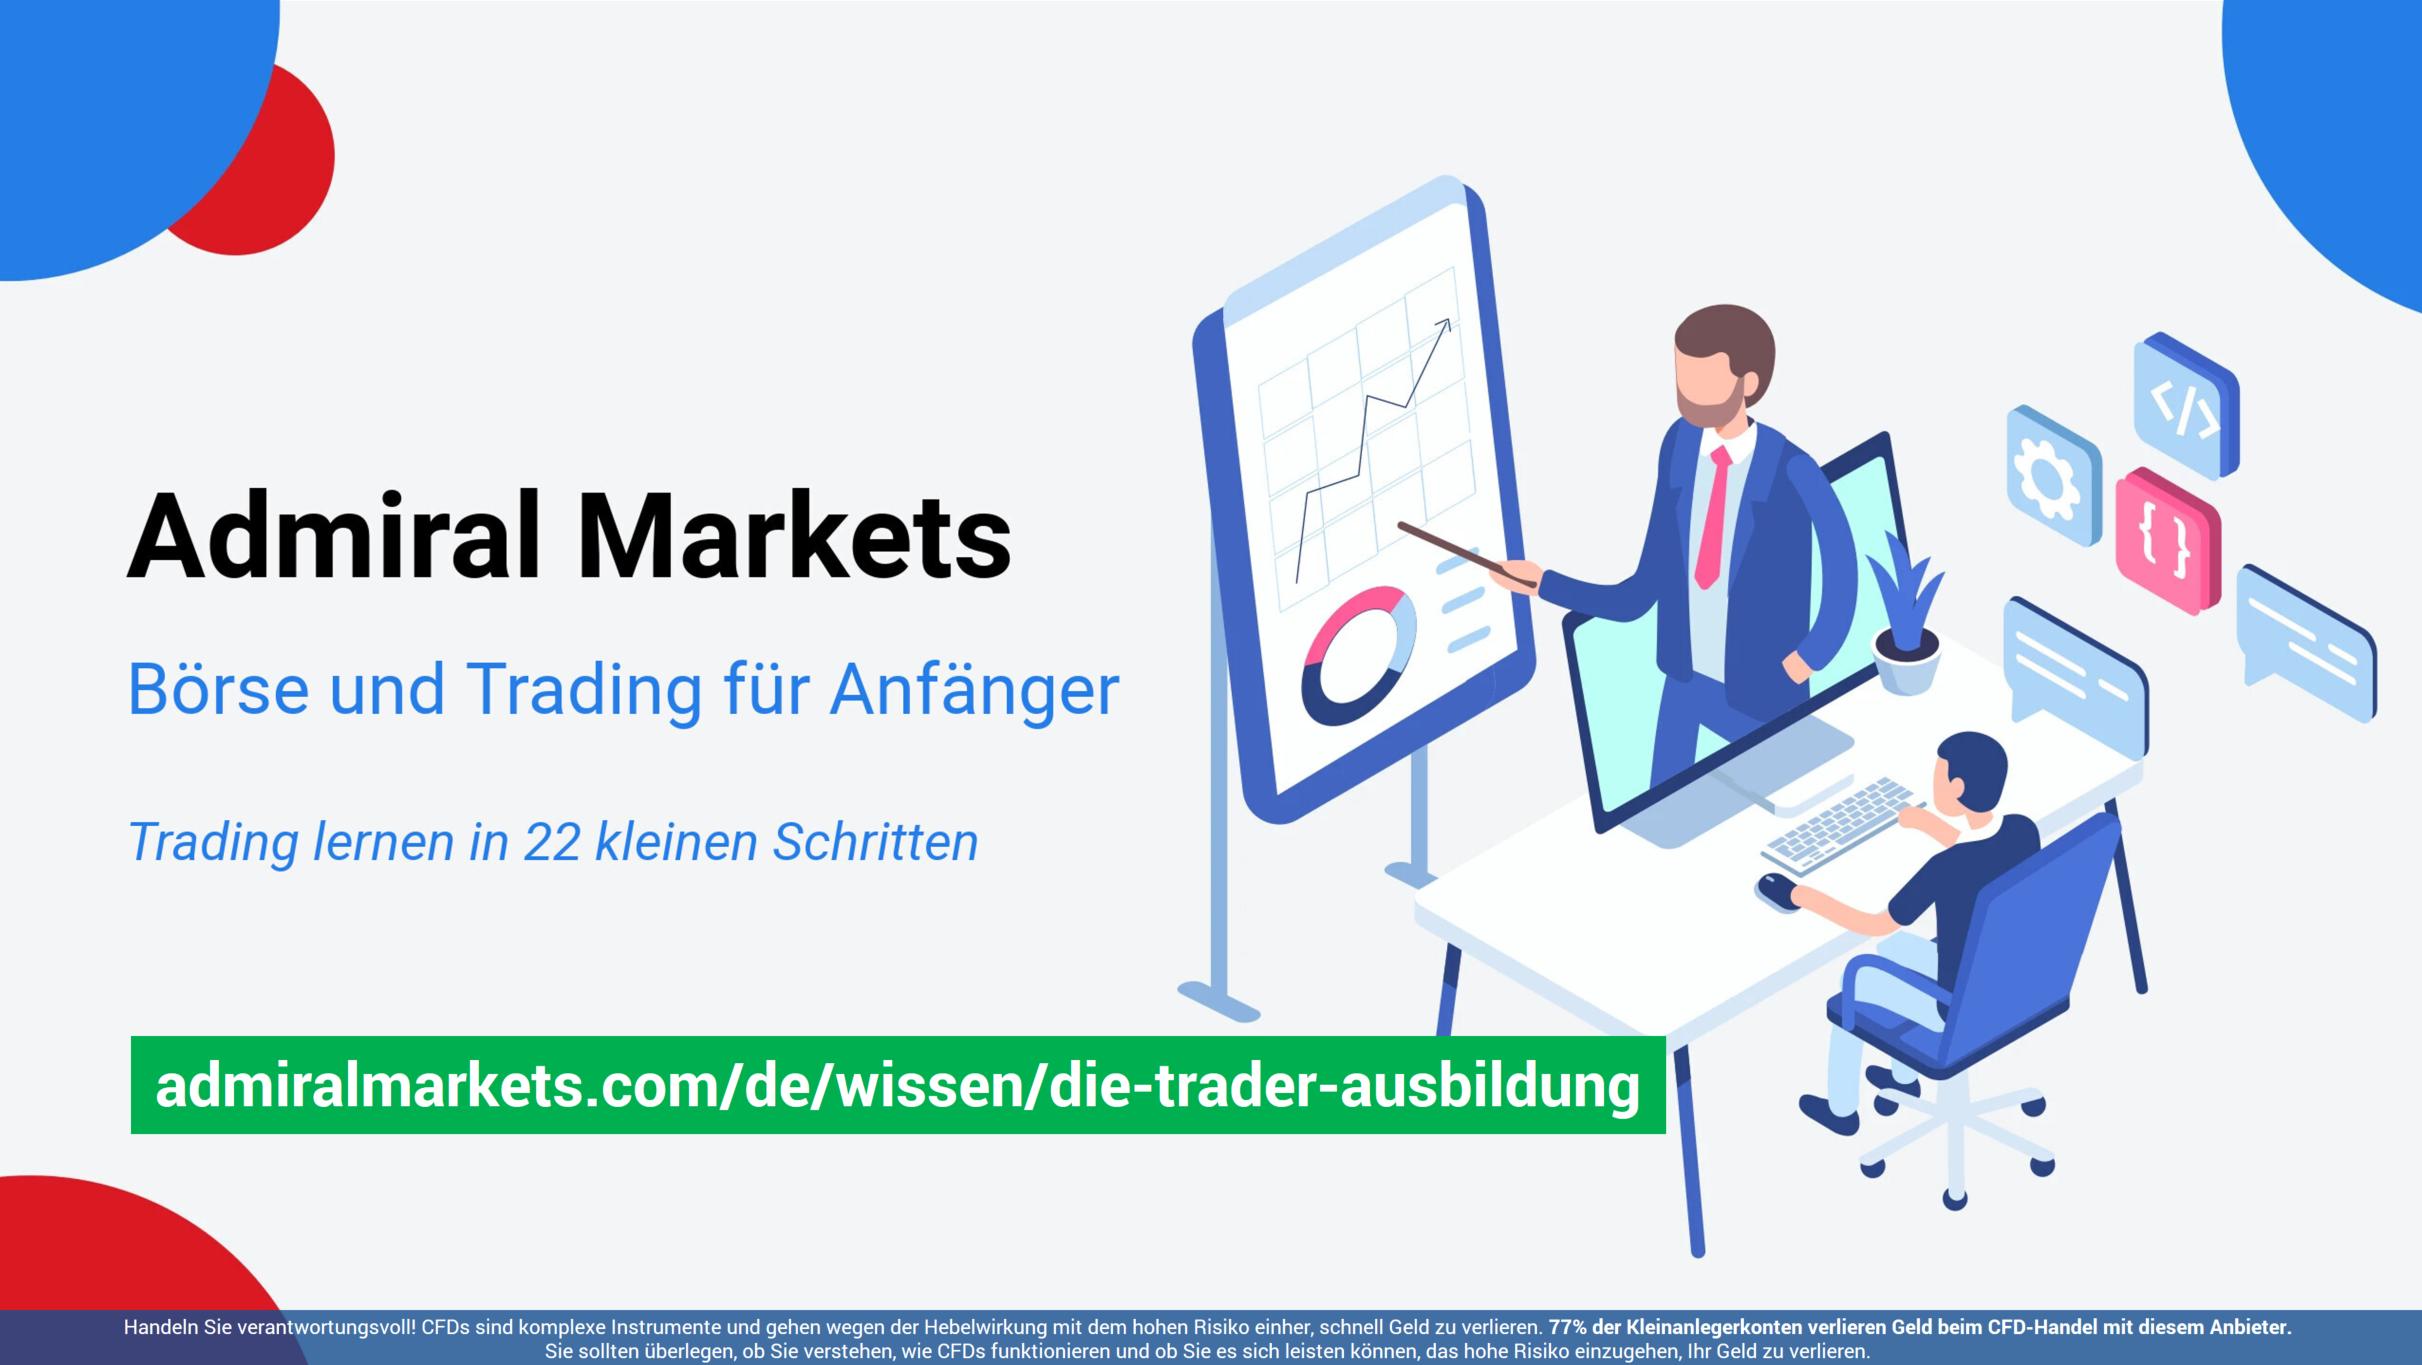 Daytrading-mit-Jochen-Schmidt-Analyse-Markttechnik-Forex-CFD-Aktien-Rohstoffe-23-02-2021-Jens-Chrzanowski-GodmodeTrader.de-3